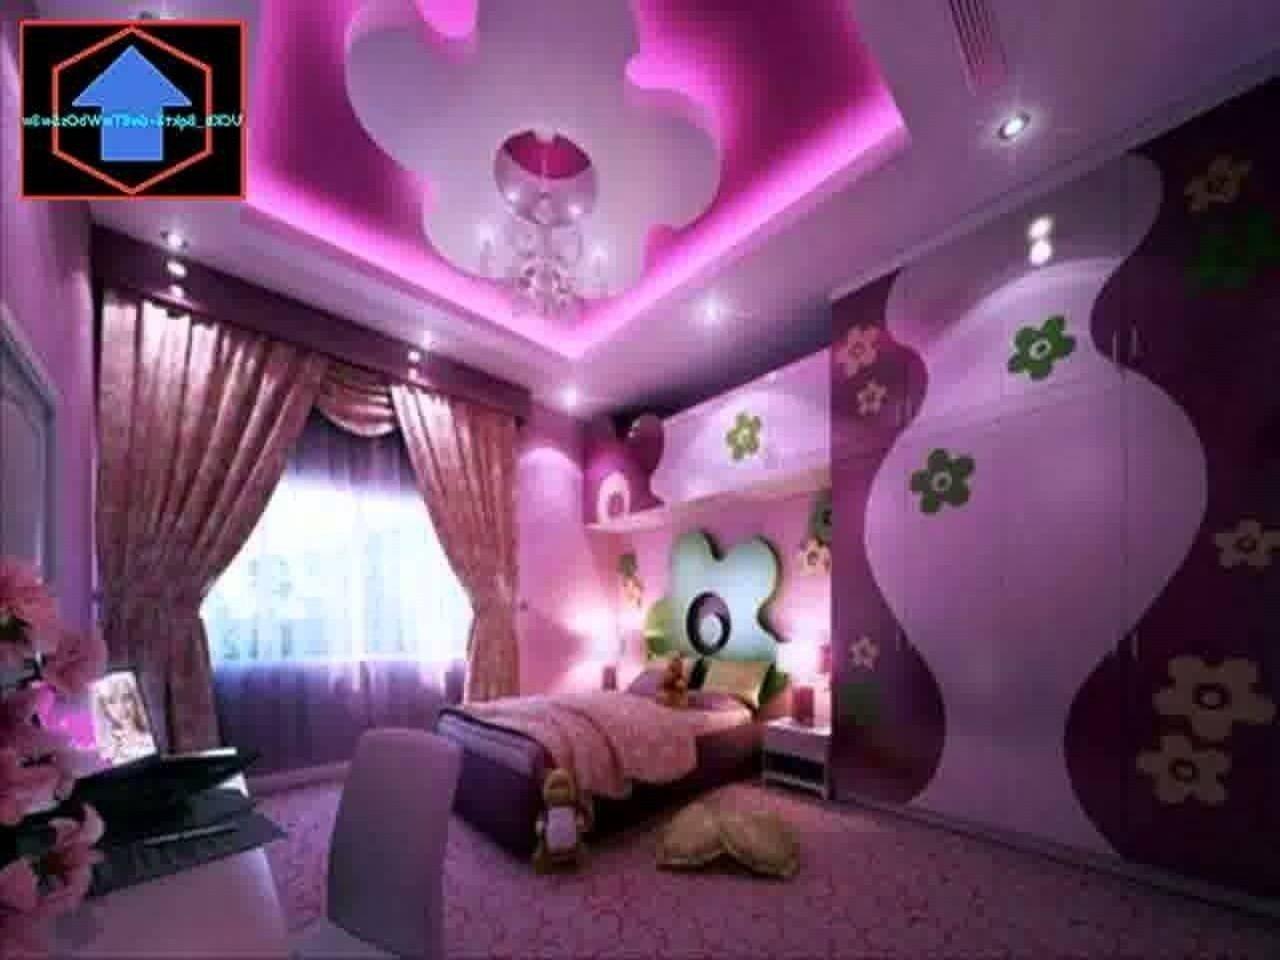 10 Stylish Glow In The Dark Room Ideas glow in the dark paint ideas for bedroom e280a2 bedroom ideas 2020